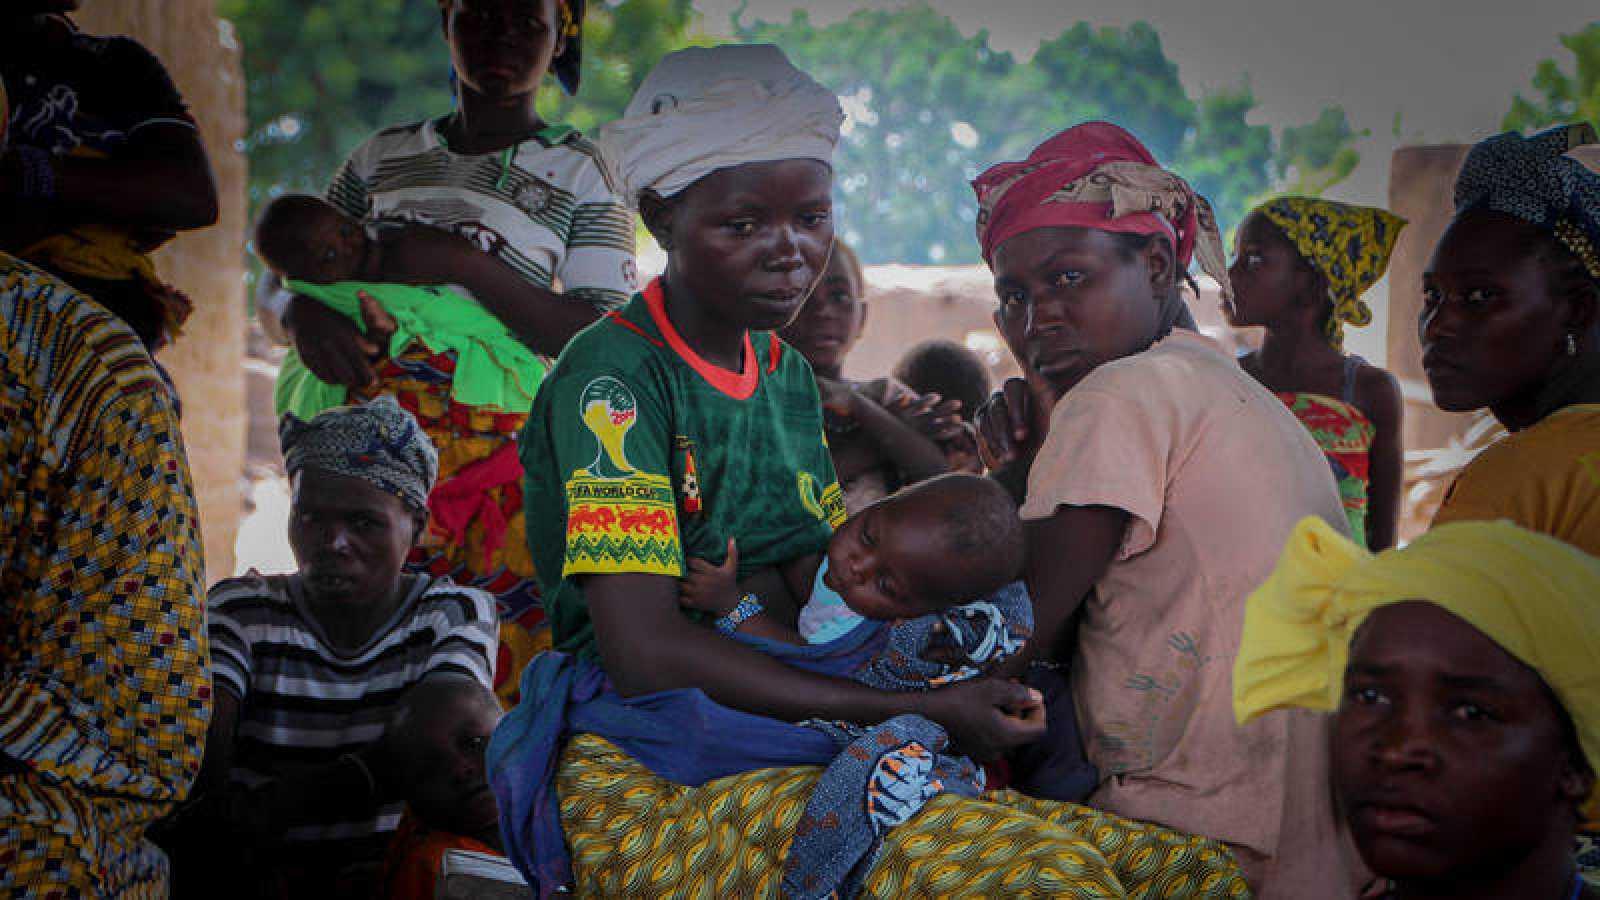 Una mujer sostiene a su niño en brazos en el taller en el que aprende a darle de mamar en la aldea de Zandieguela, Yorosso, Mali.